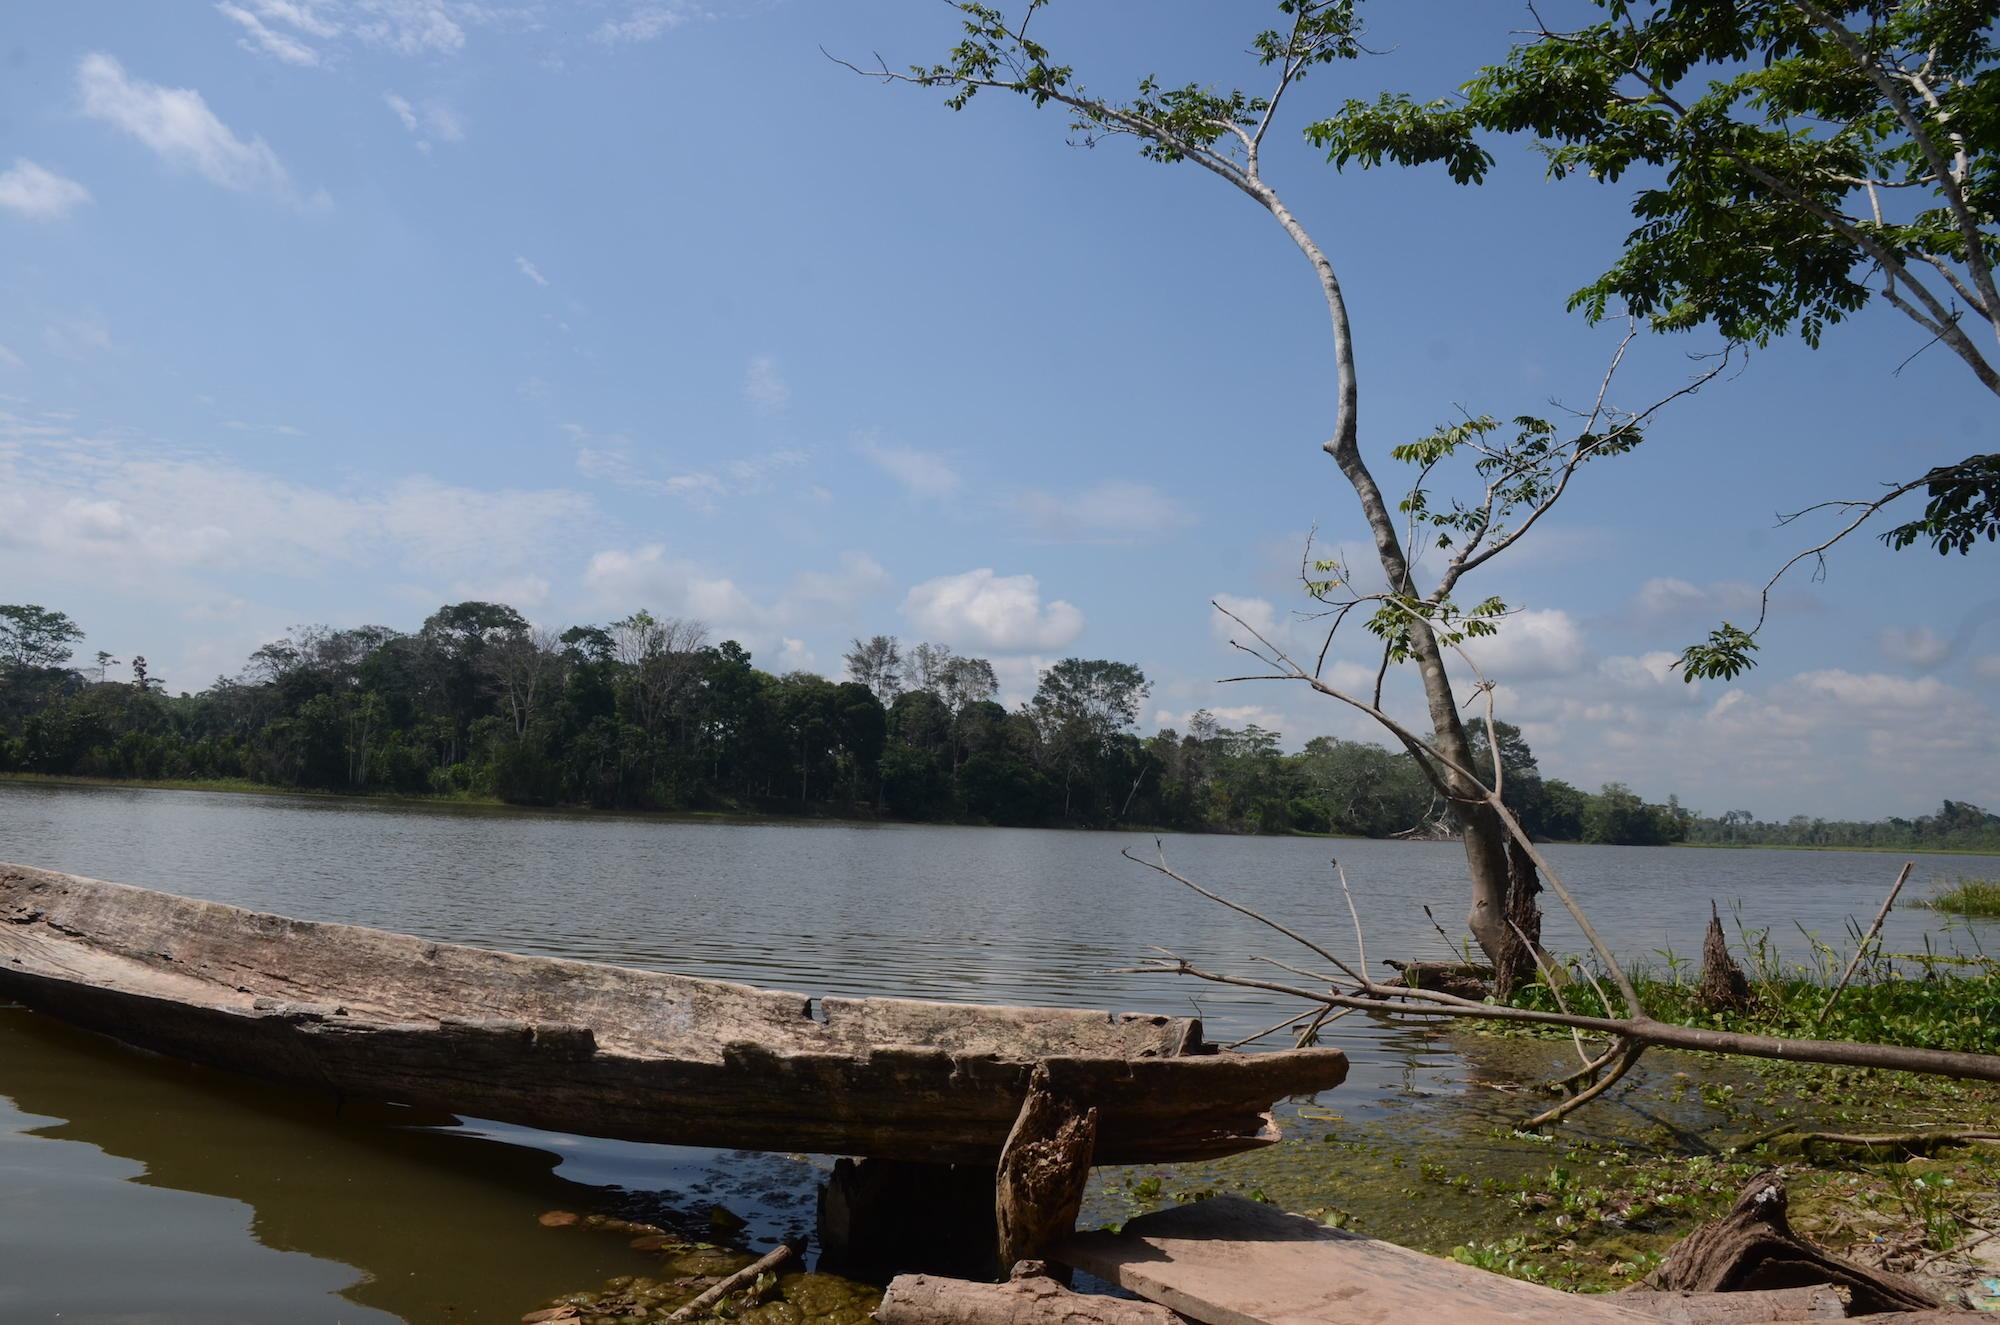 Paisaje de la comunidad Santa Clara de Uchunya. Foto: Yvette Sierra Praeli.